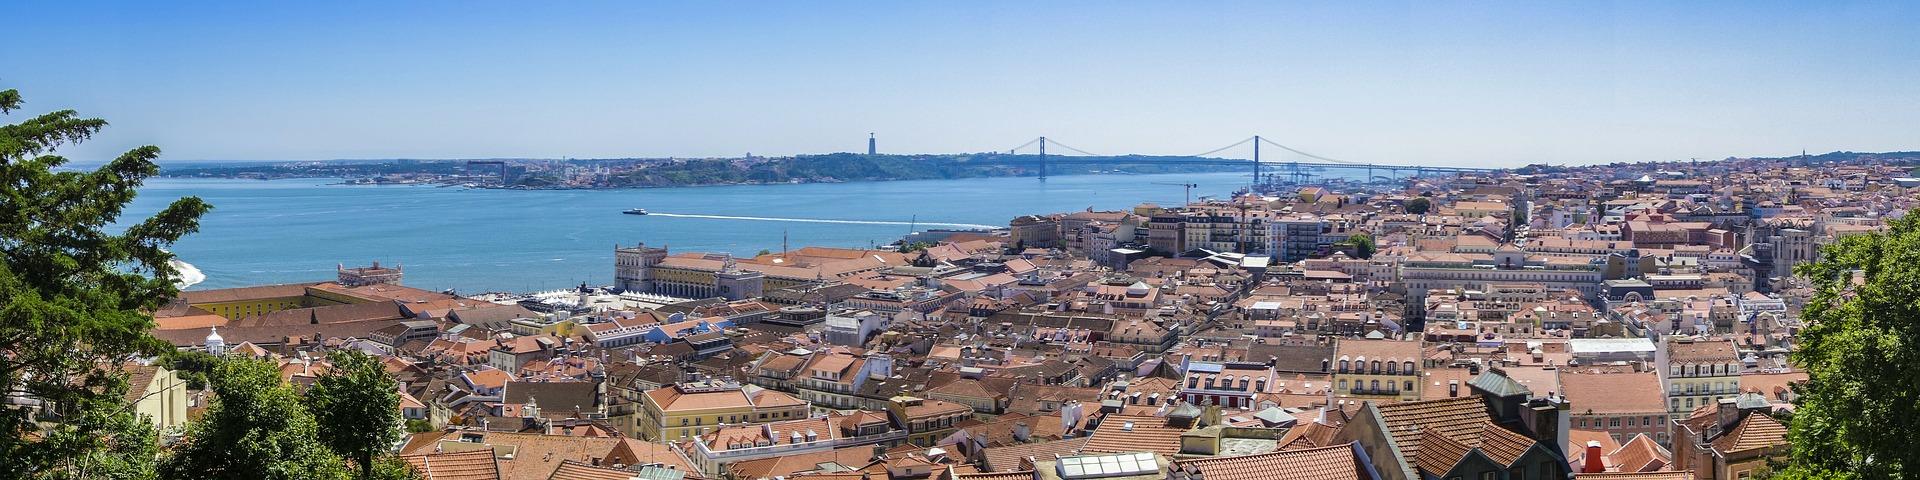 Lissabon beste steden 2017 burgertrutjes